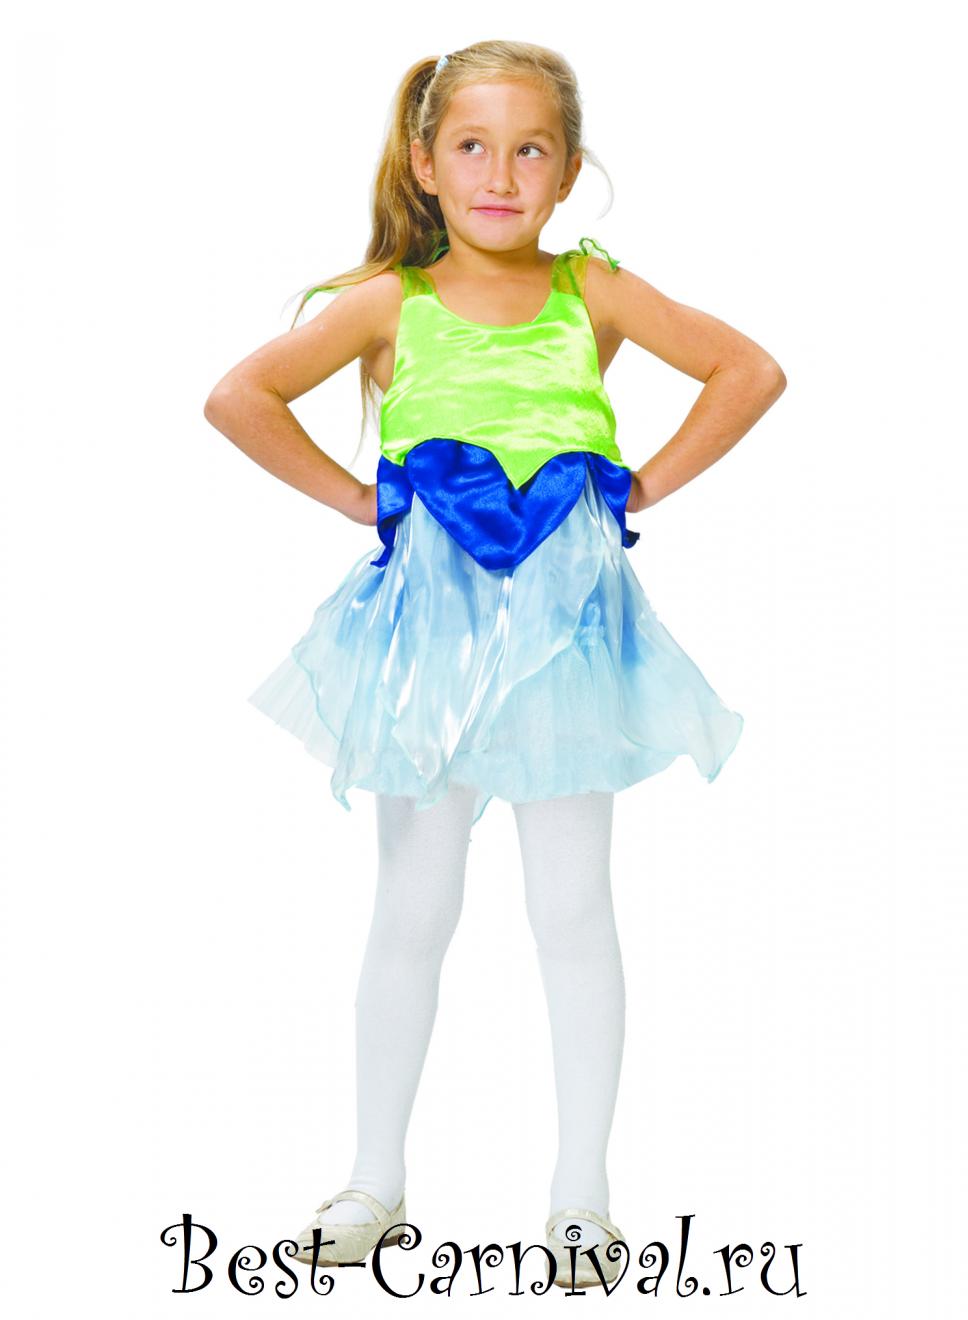 75fcb62dc3596 Детский костюм Цветок Колокольчик купить | Карнавальные костюмы